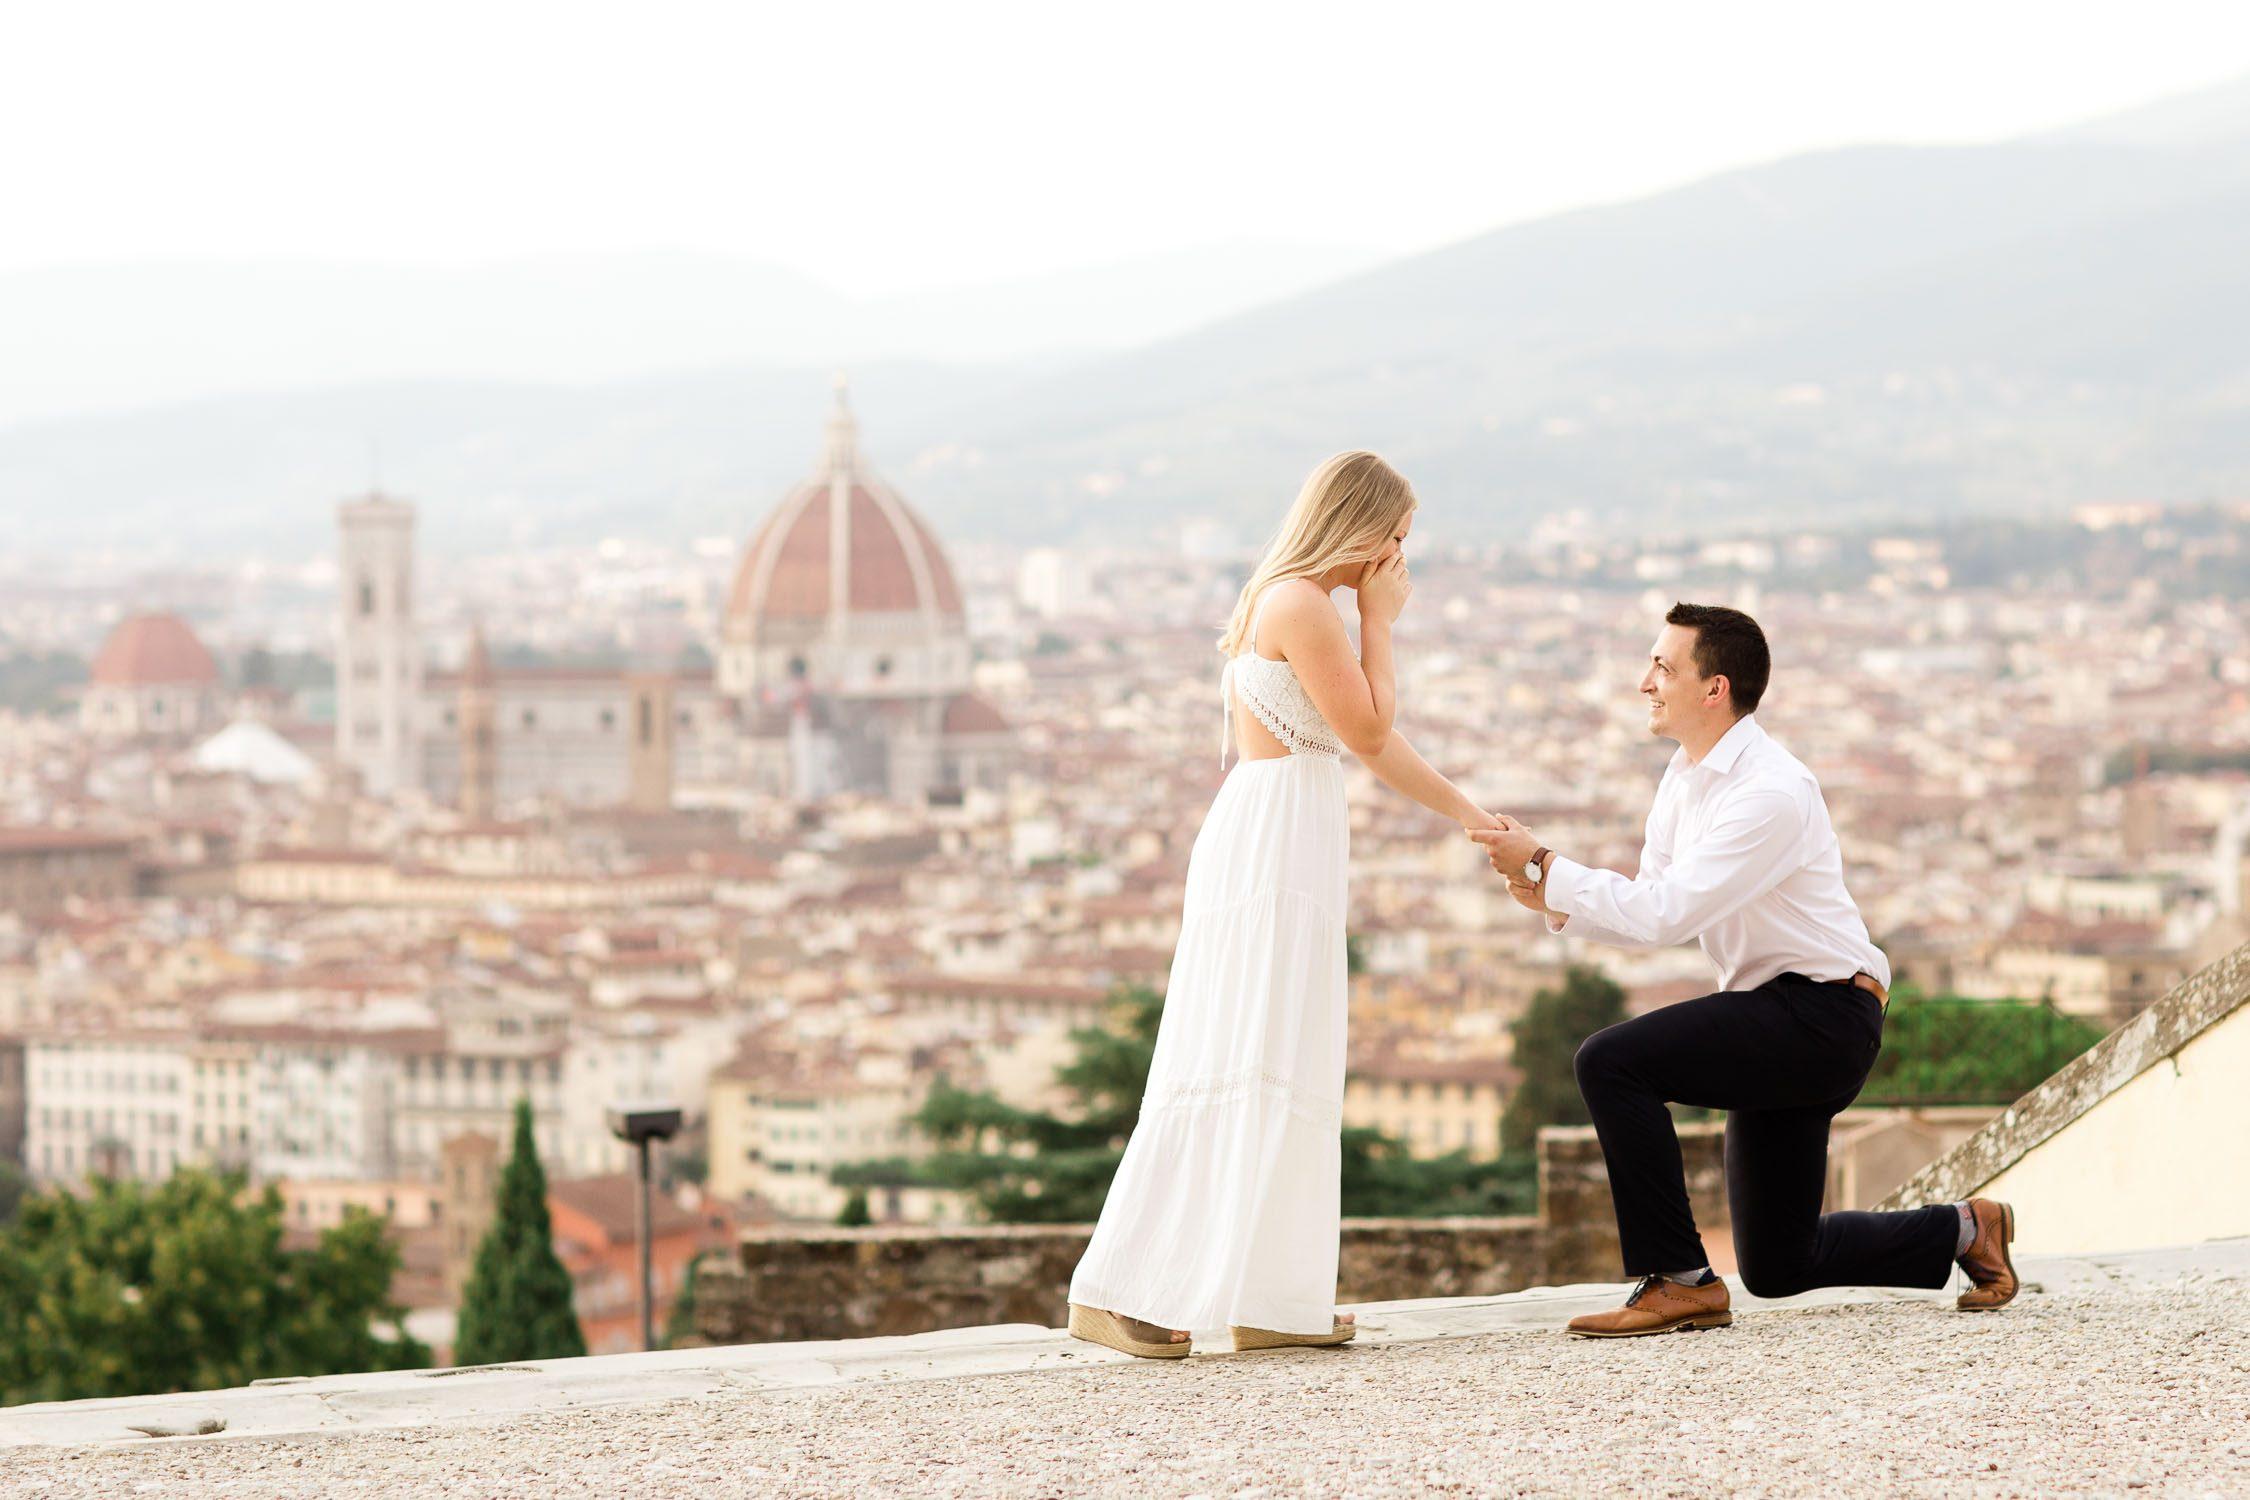 Surprise proposal picture at San Miniato al Monte - Piazzale Michelangelo Florence